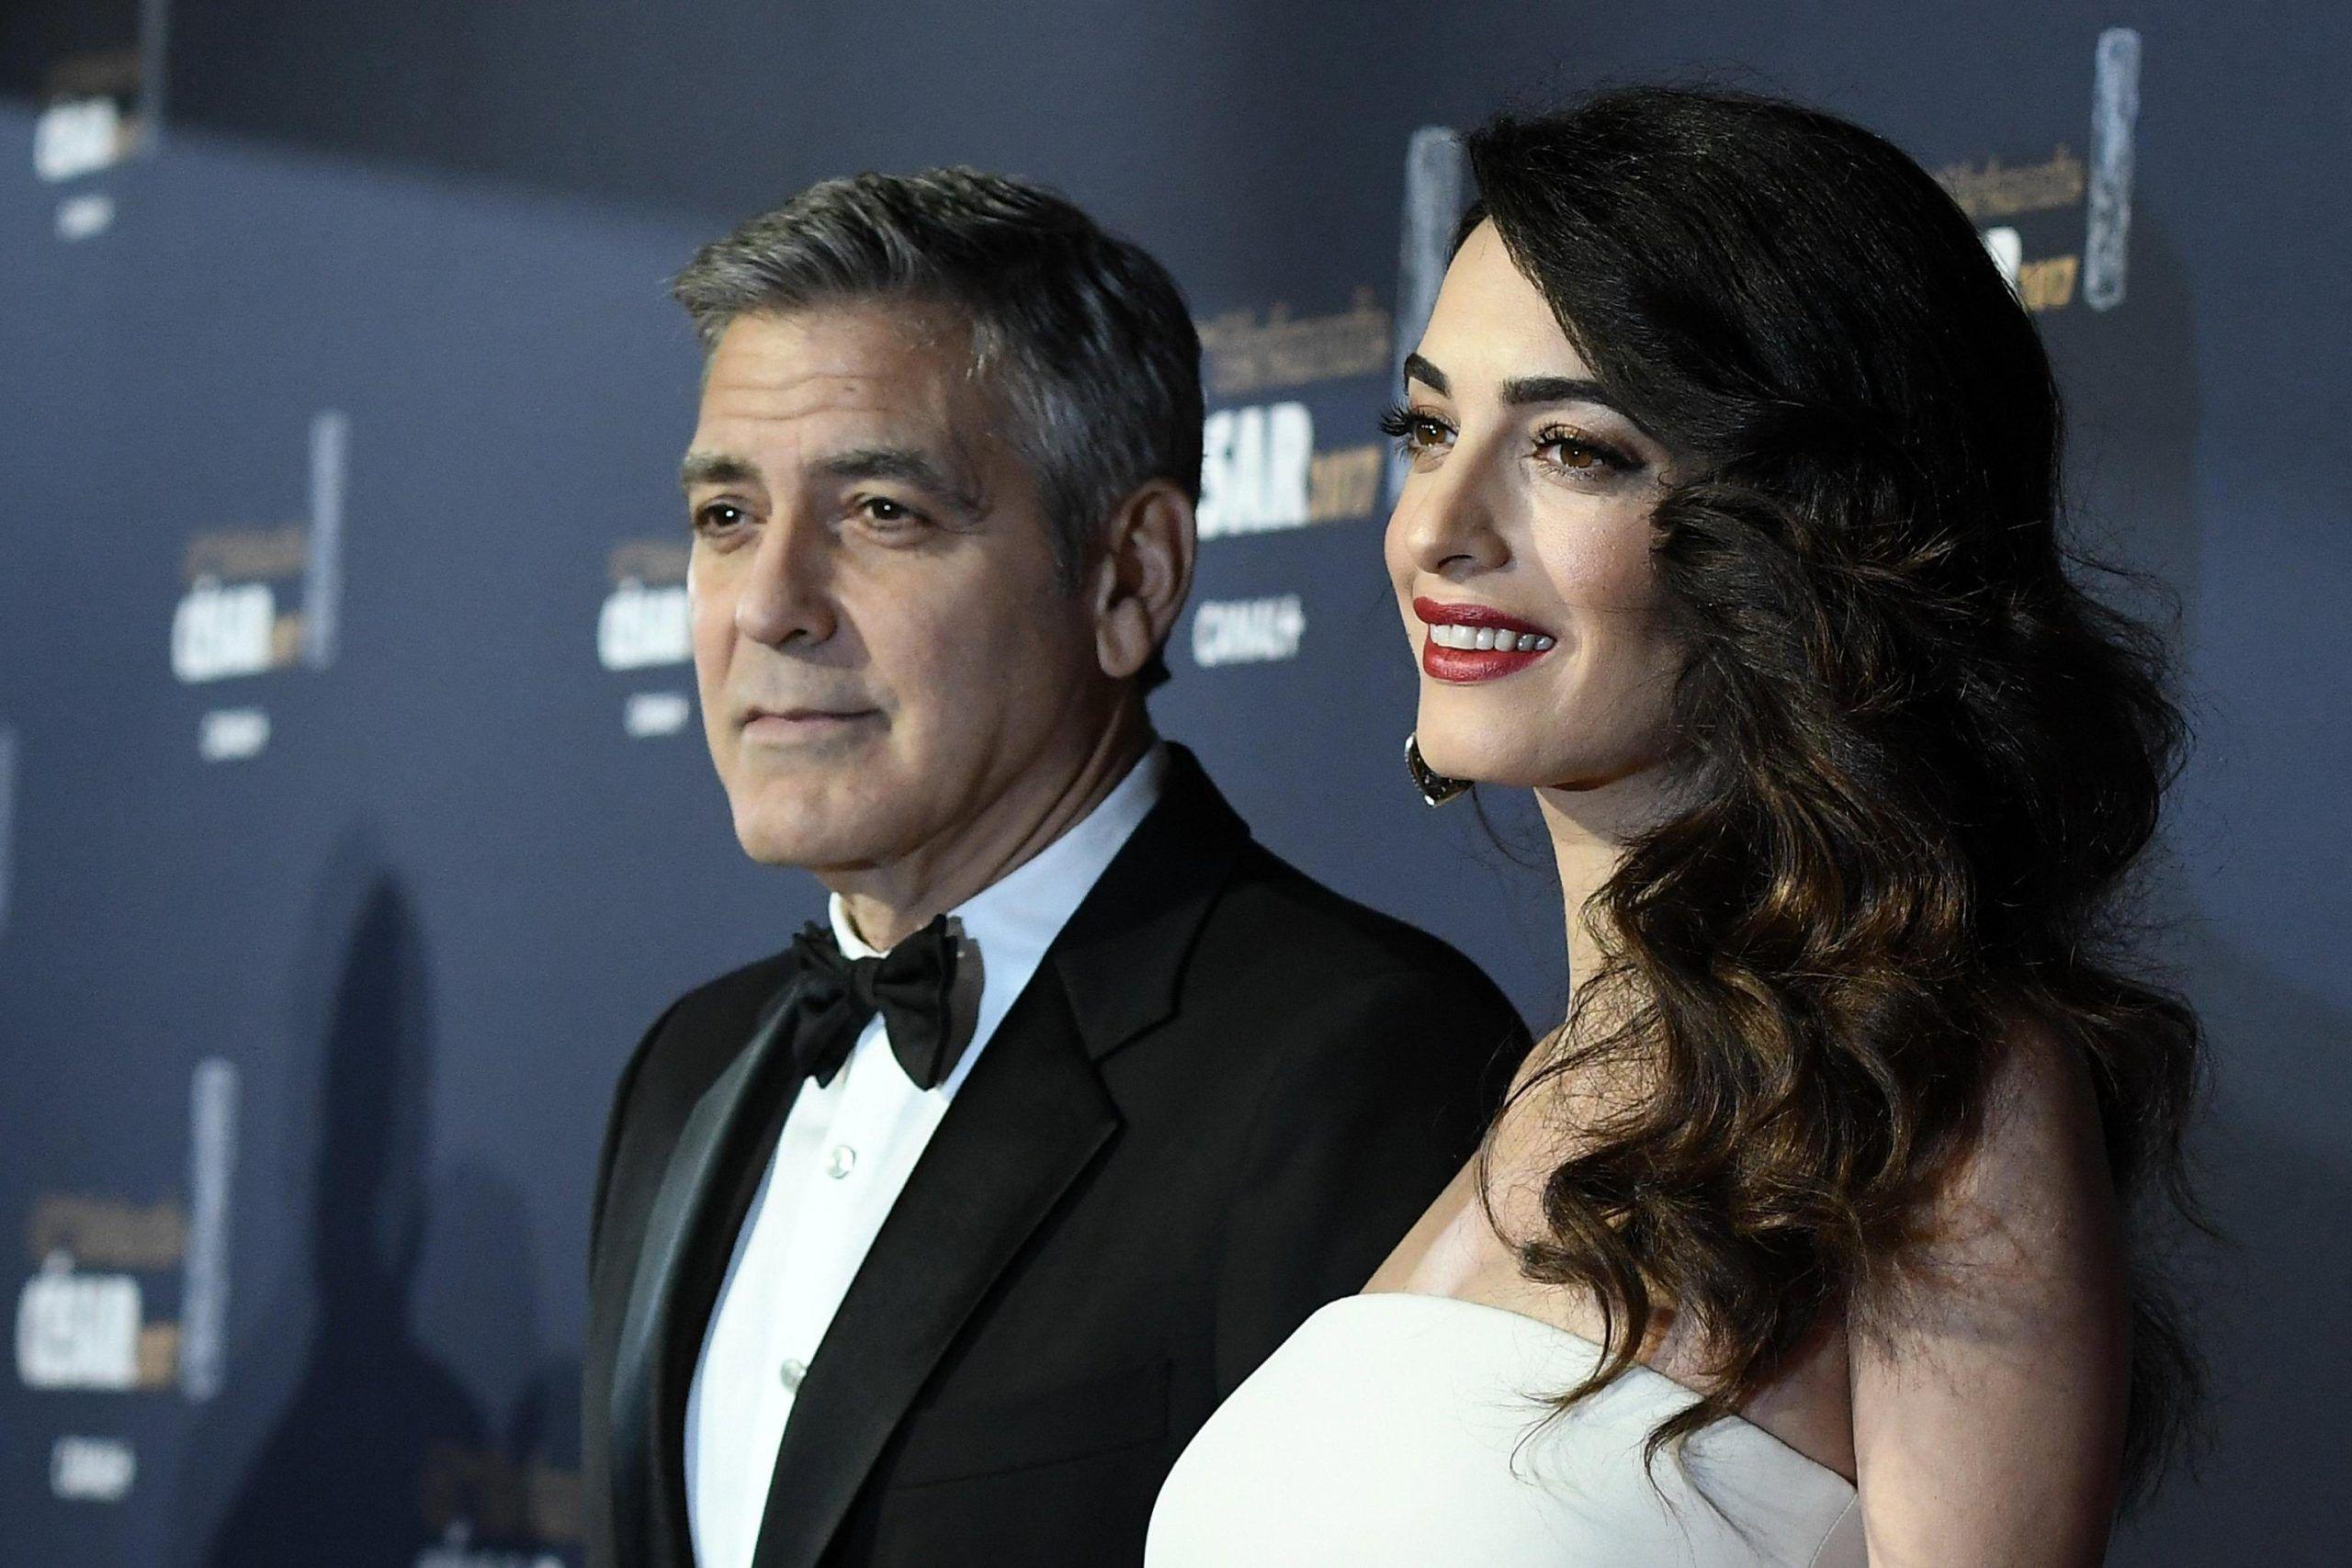 George e Amal Clooney a Venezia 2017: con loro anche i gemellini